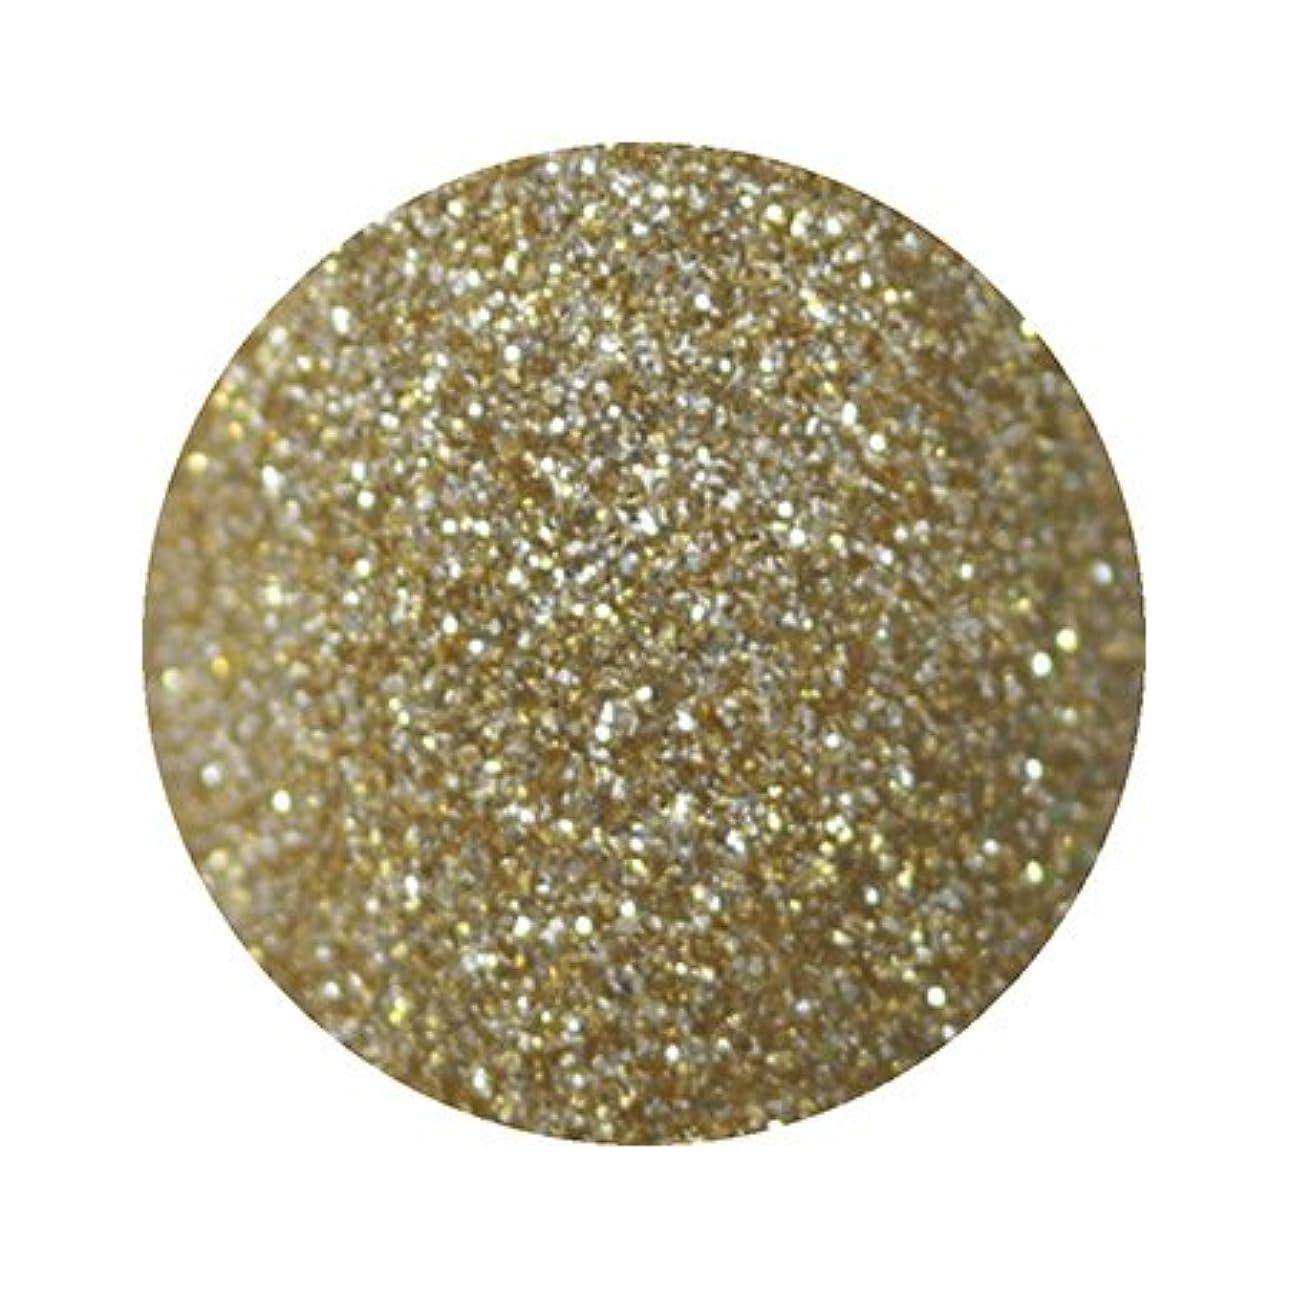 致命的ライフル屈辱するパラポリッシュ ハイブリッドカラージェル GOLD(ゴールド) 7g